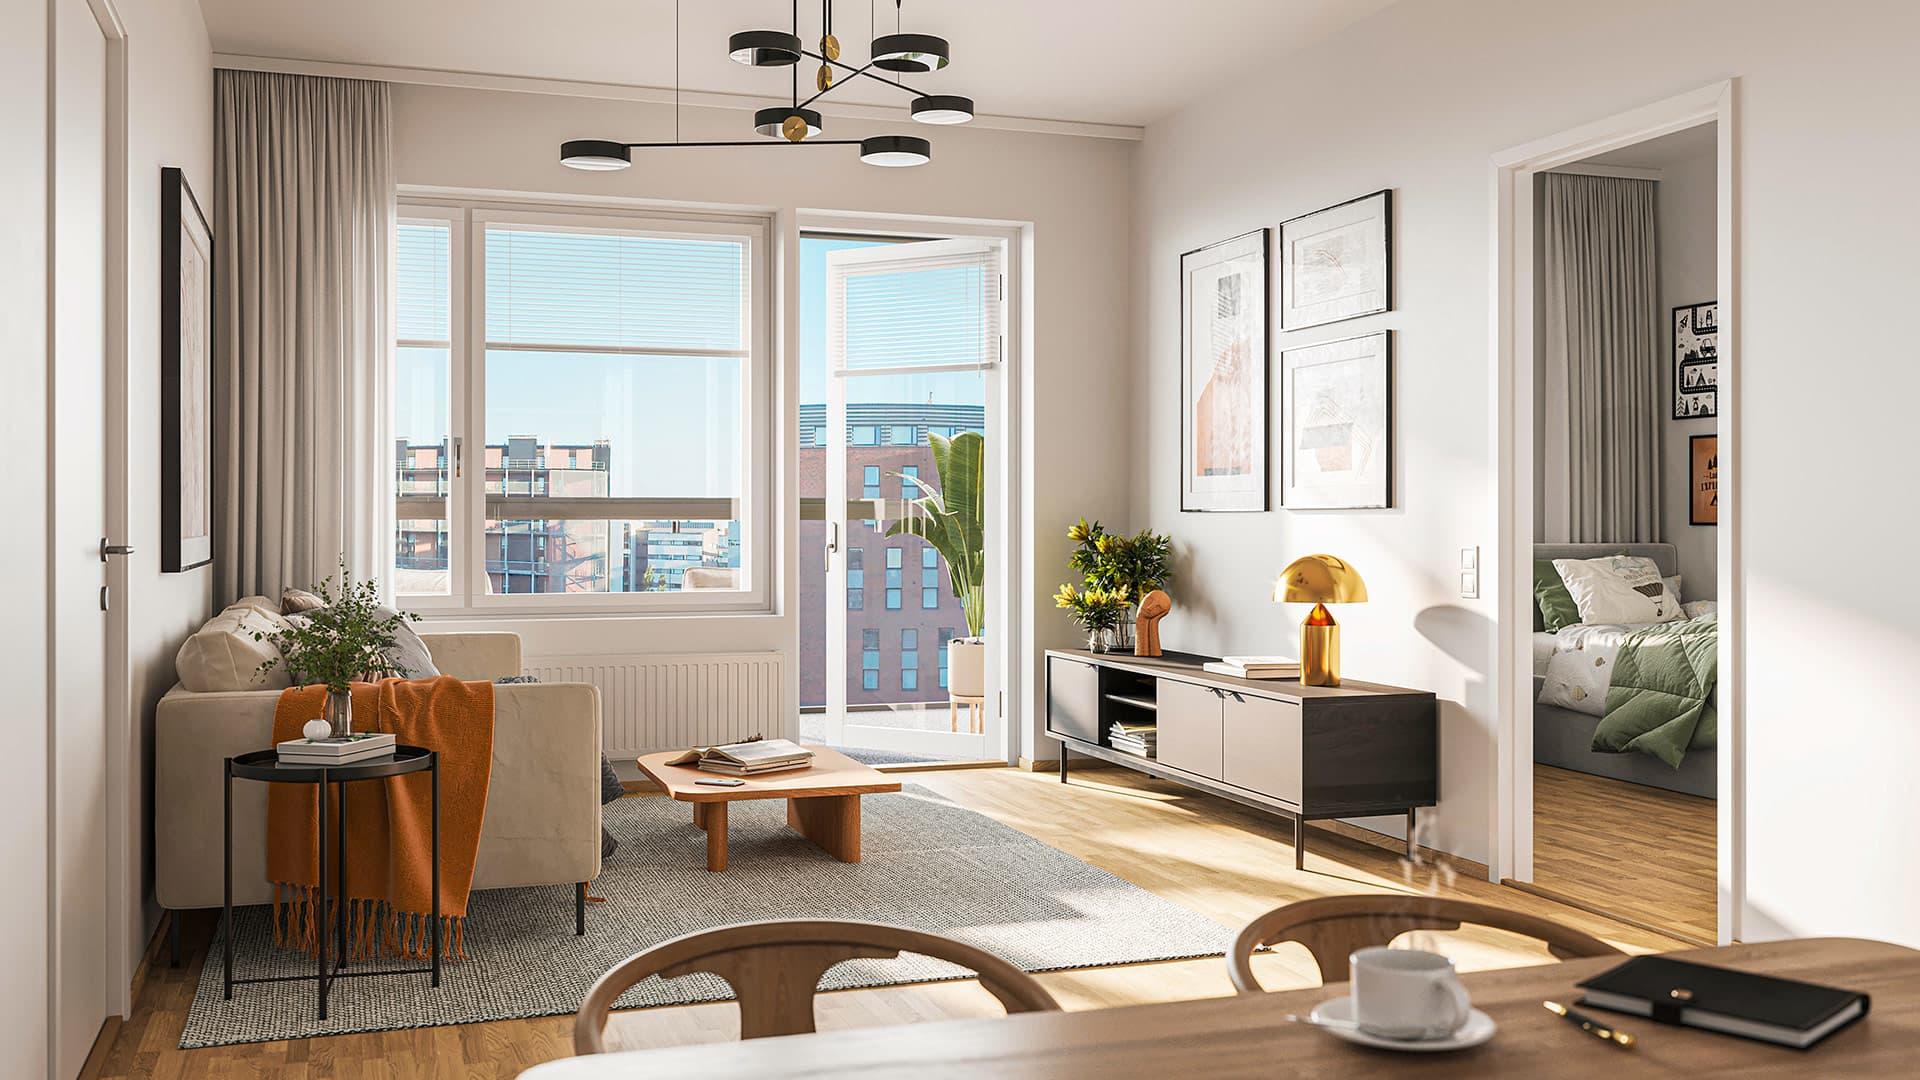 Asunto Oy Helsingin Rut, suuntaa antava visualisointi asunnosta.